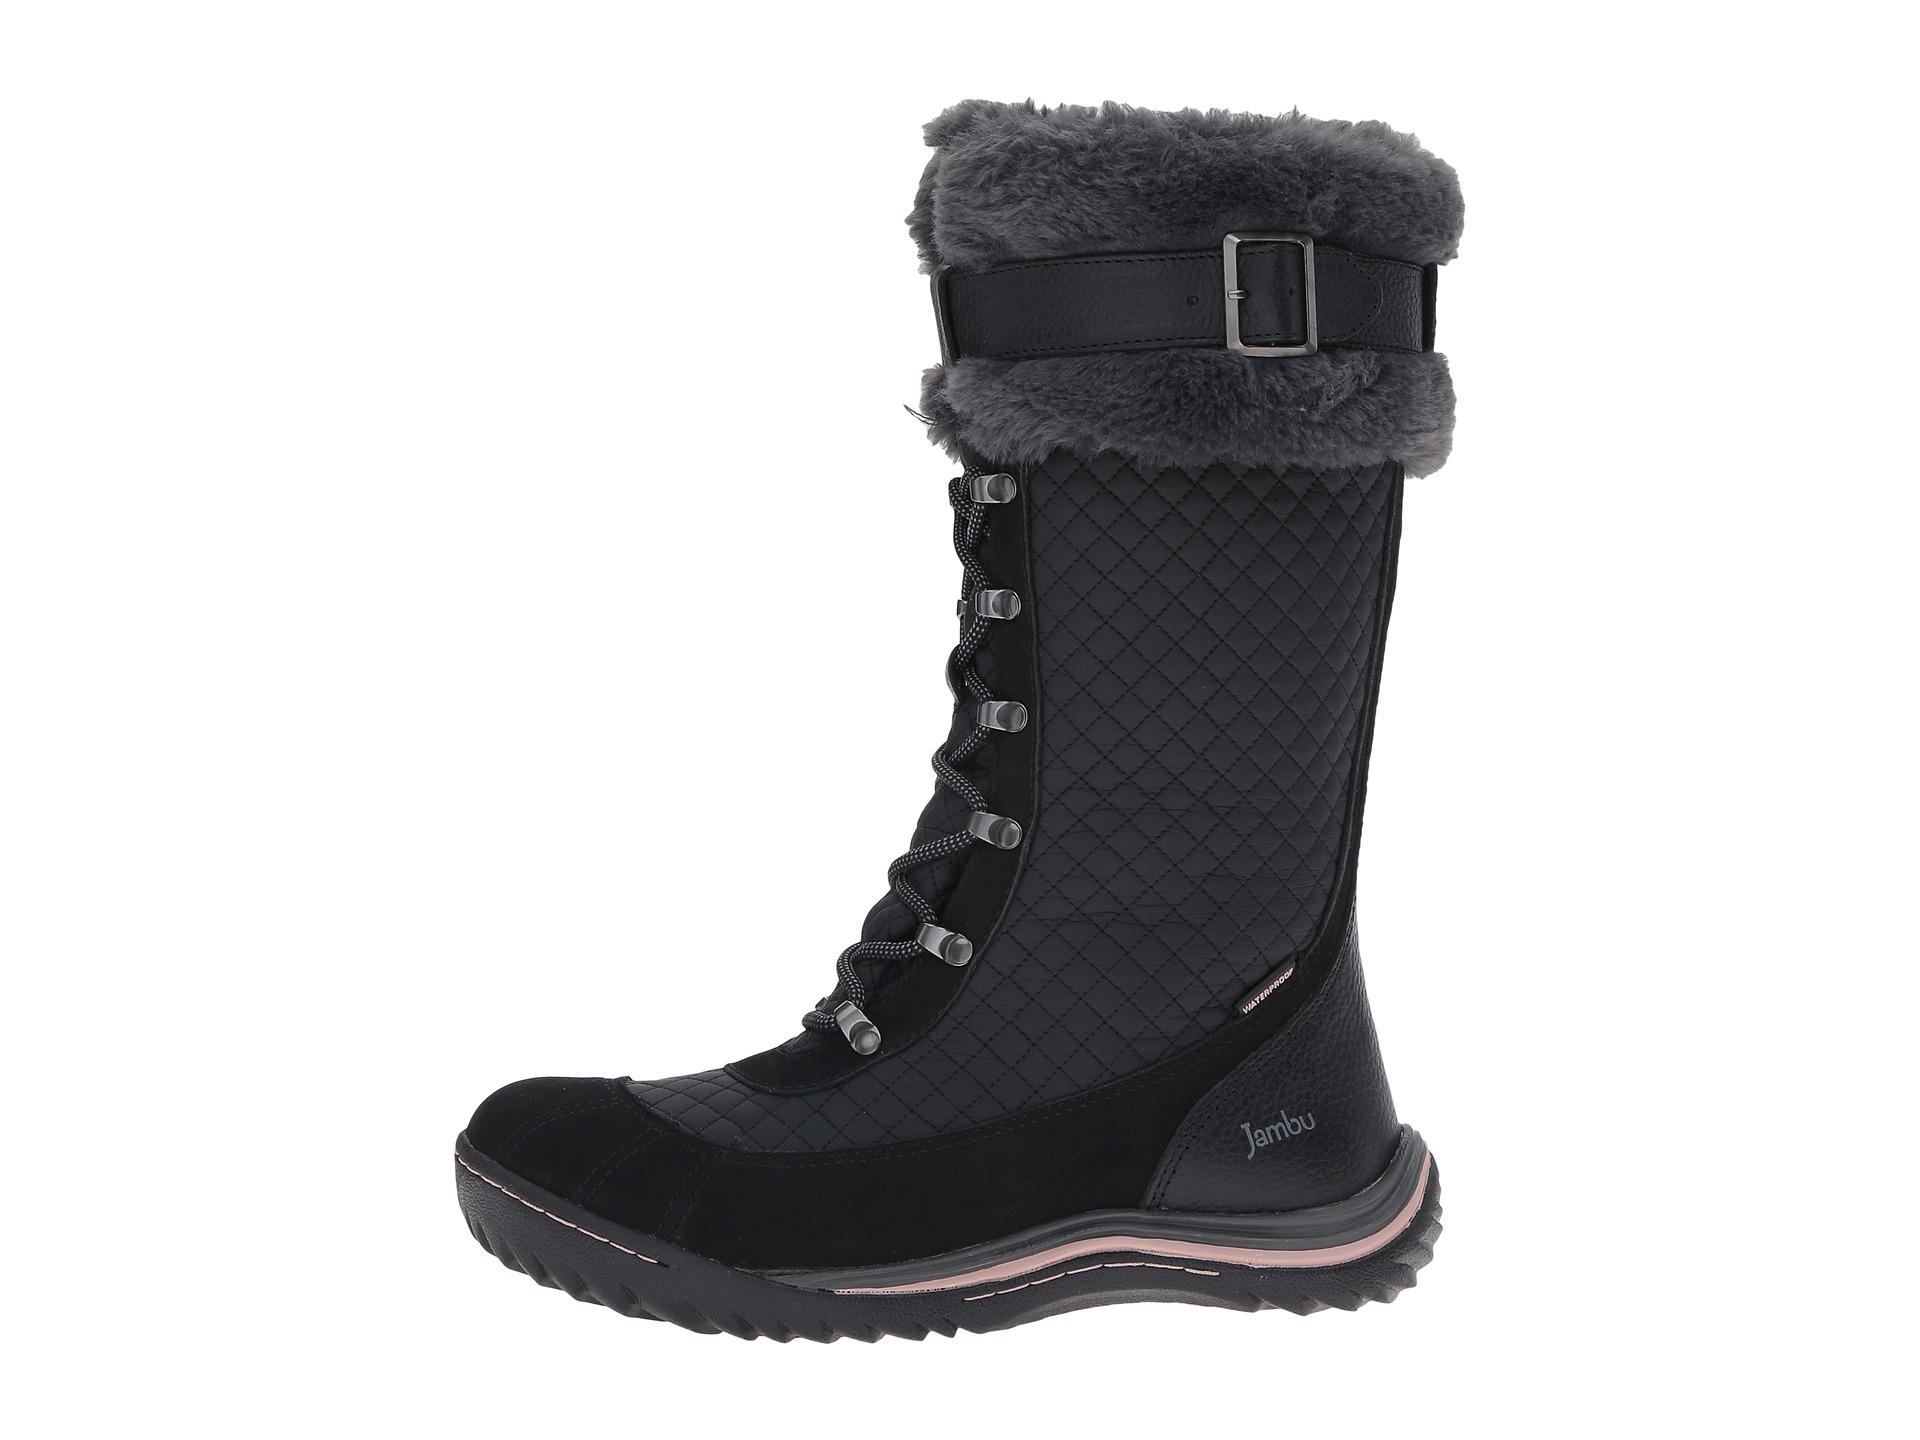 Jambu Women's WILLIAMSBURG Snow Boot Boot Boot 986bc3